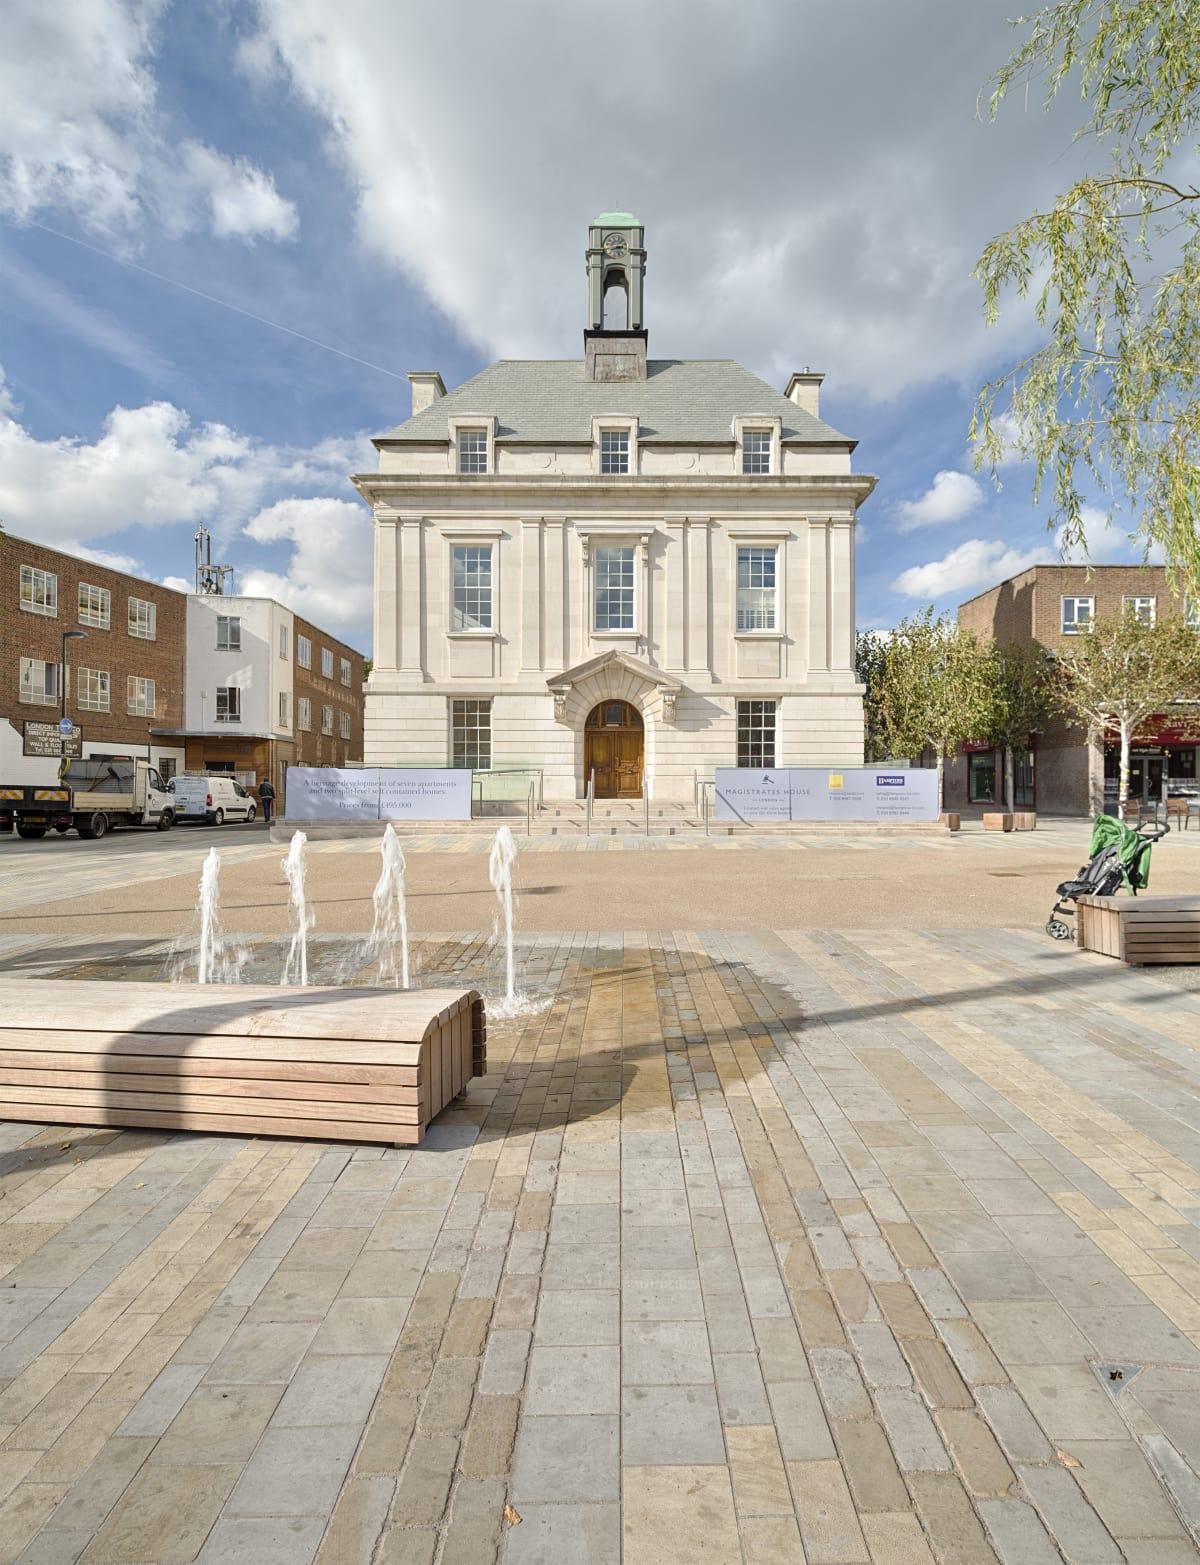 Market Place, Brentford